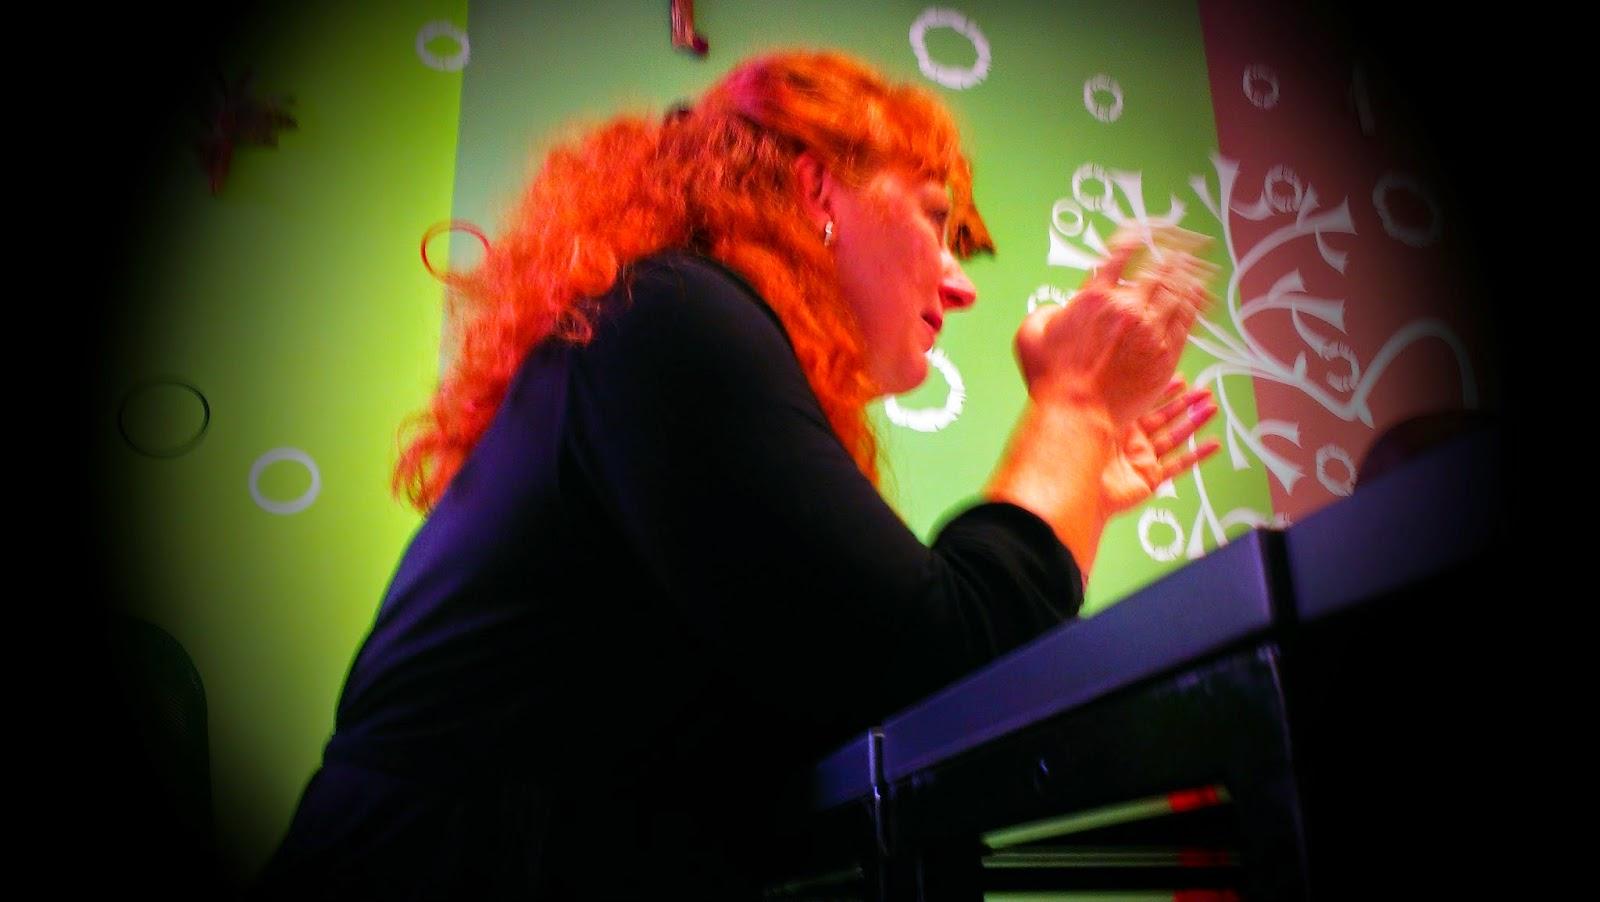 žena za stolem vykládá a má vztažené ruce v gestu výkladu